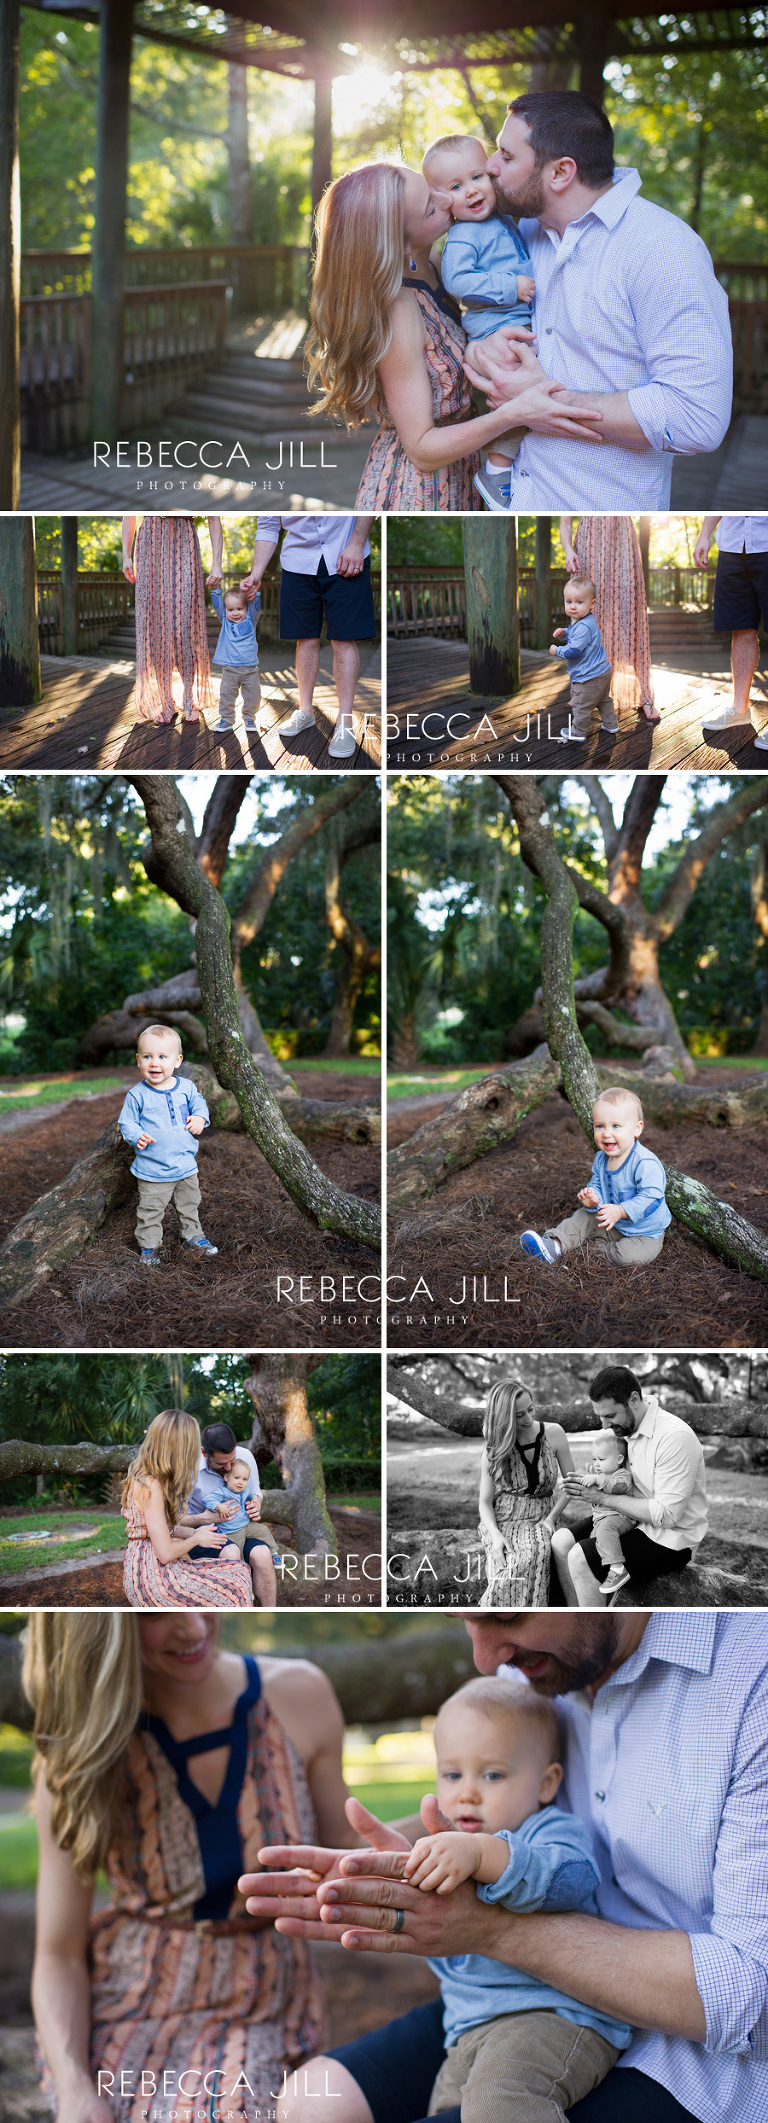 Family Photographer in Orlando, Florida